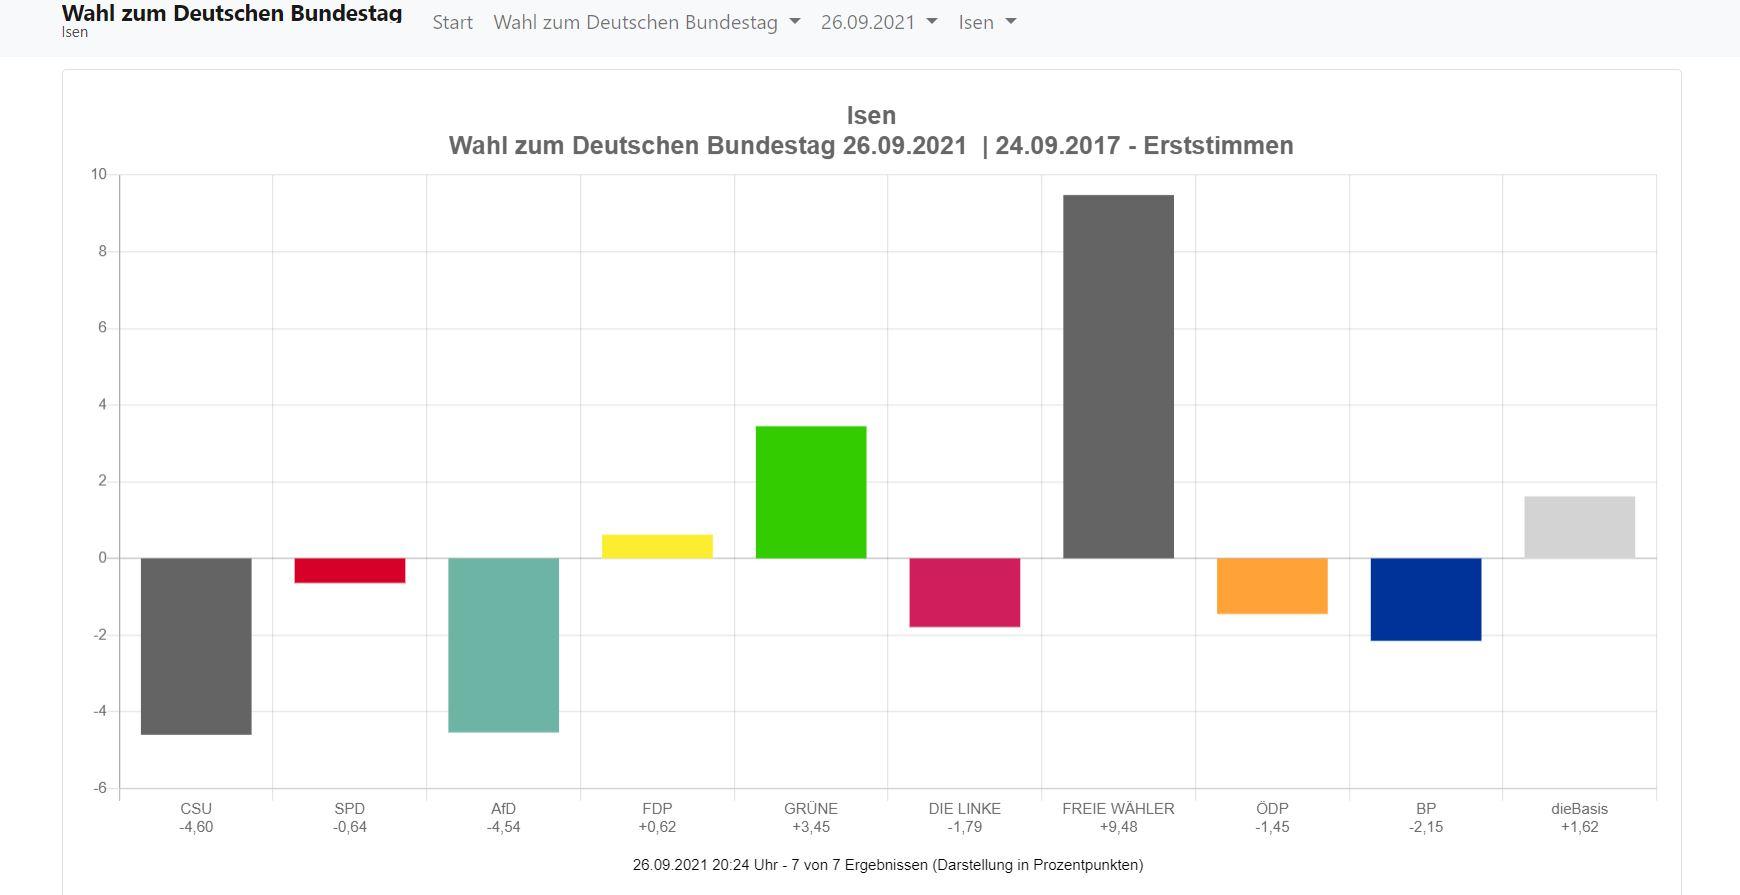 Ergebnis-Bundestagswahl-2021-Isen-Erststimmen-Gewinne-Verluste